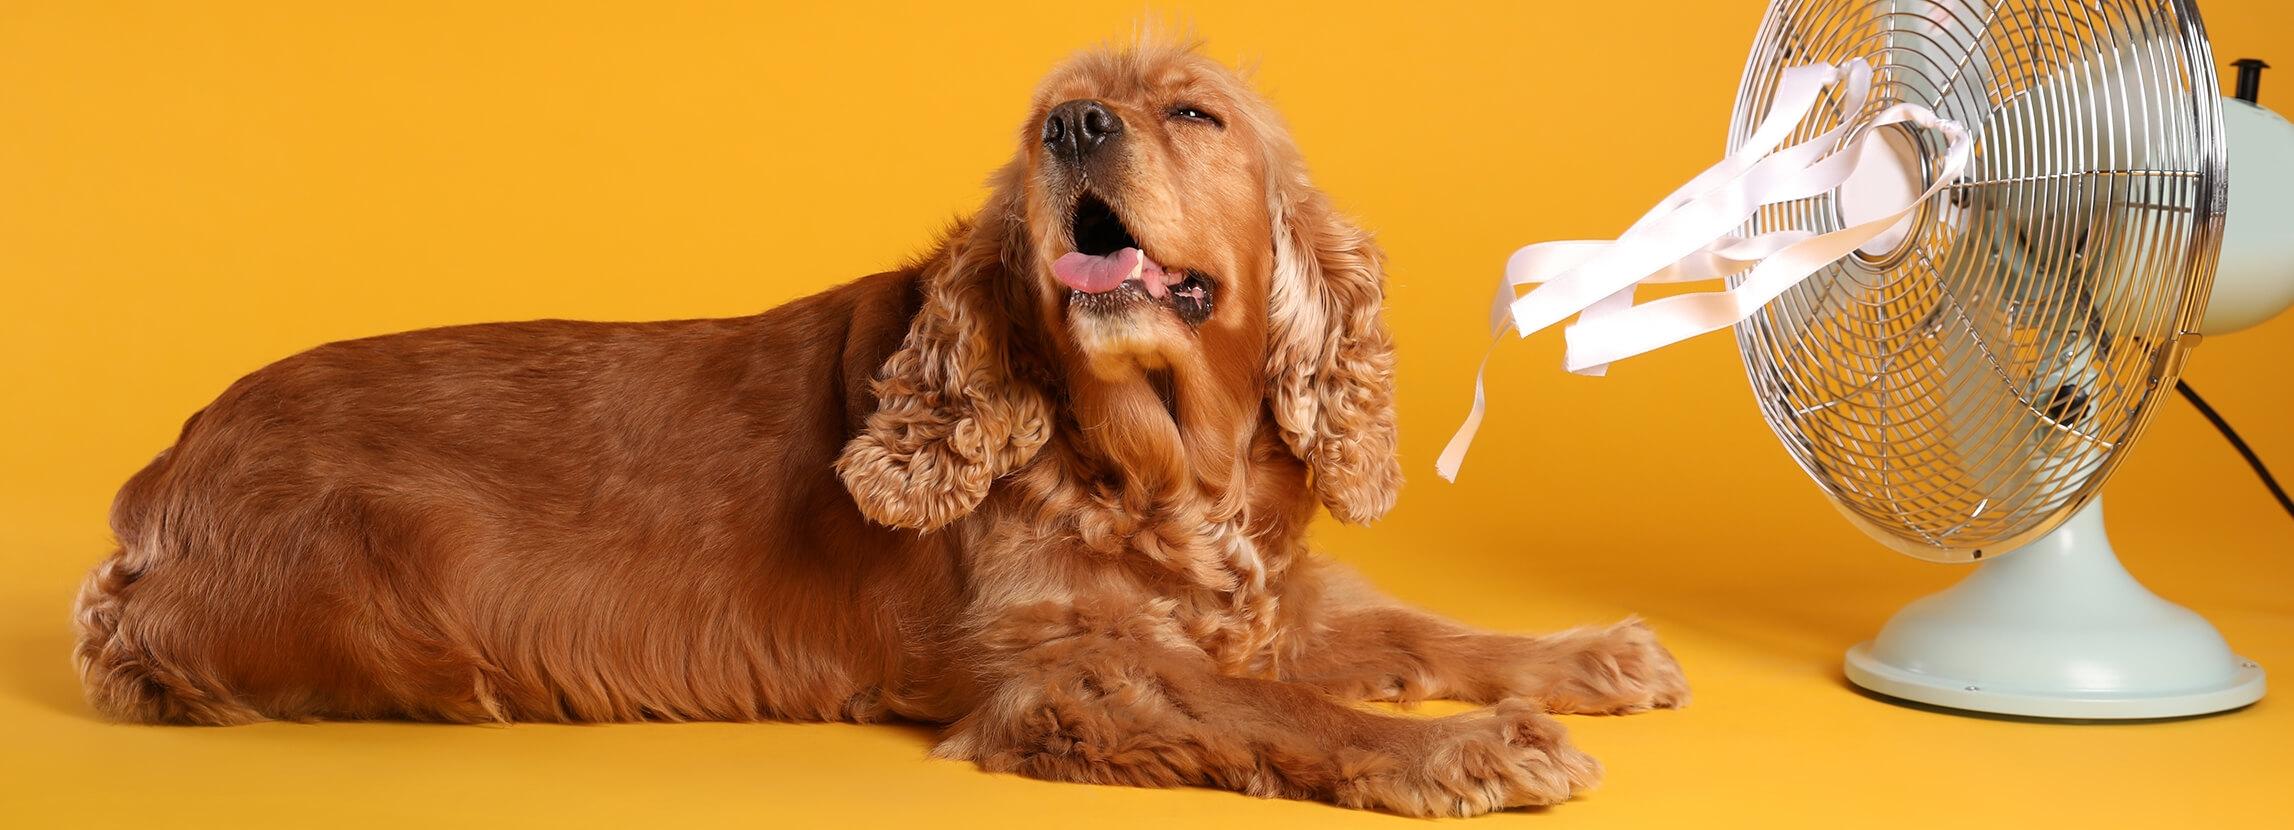 Jak pomóc psu przetrwać upalne dni?